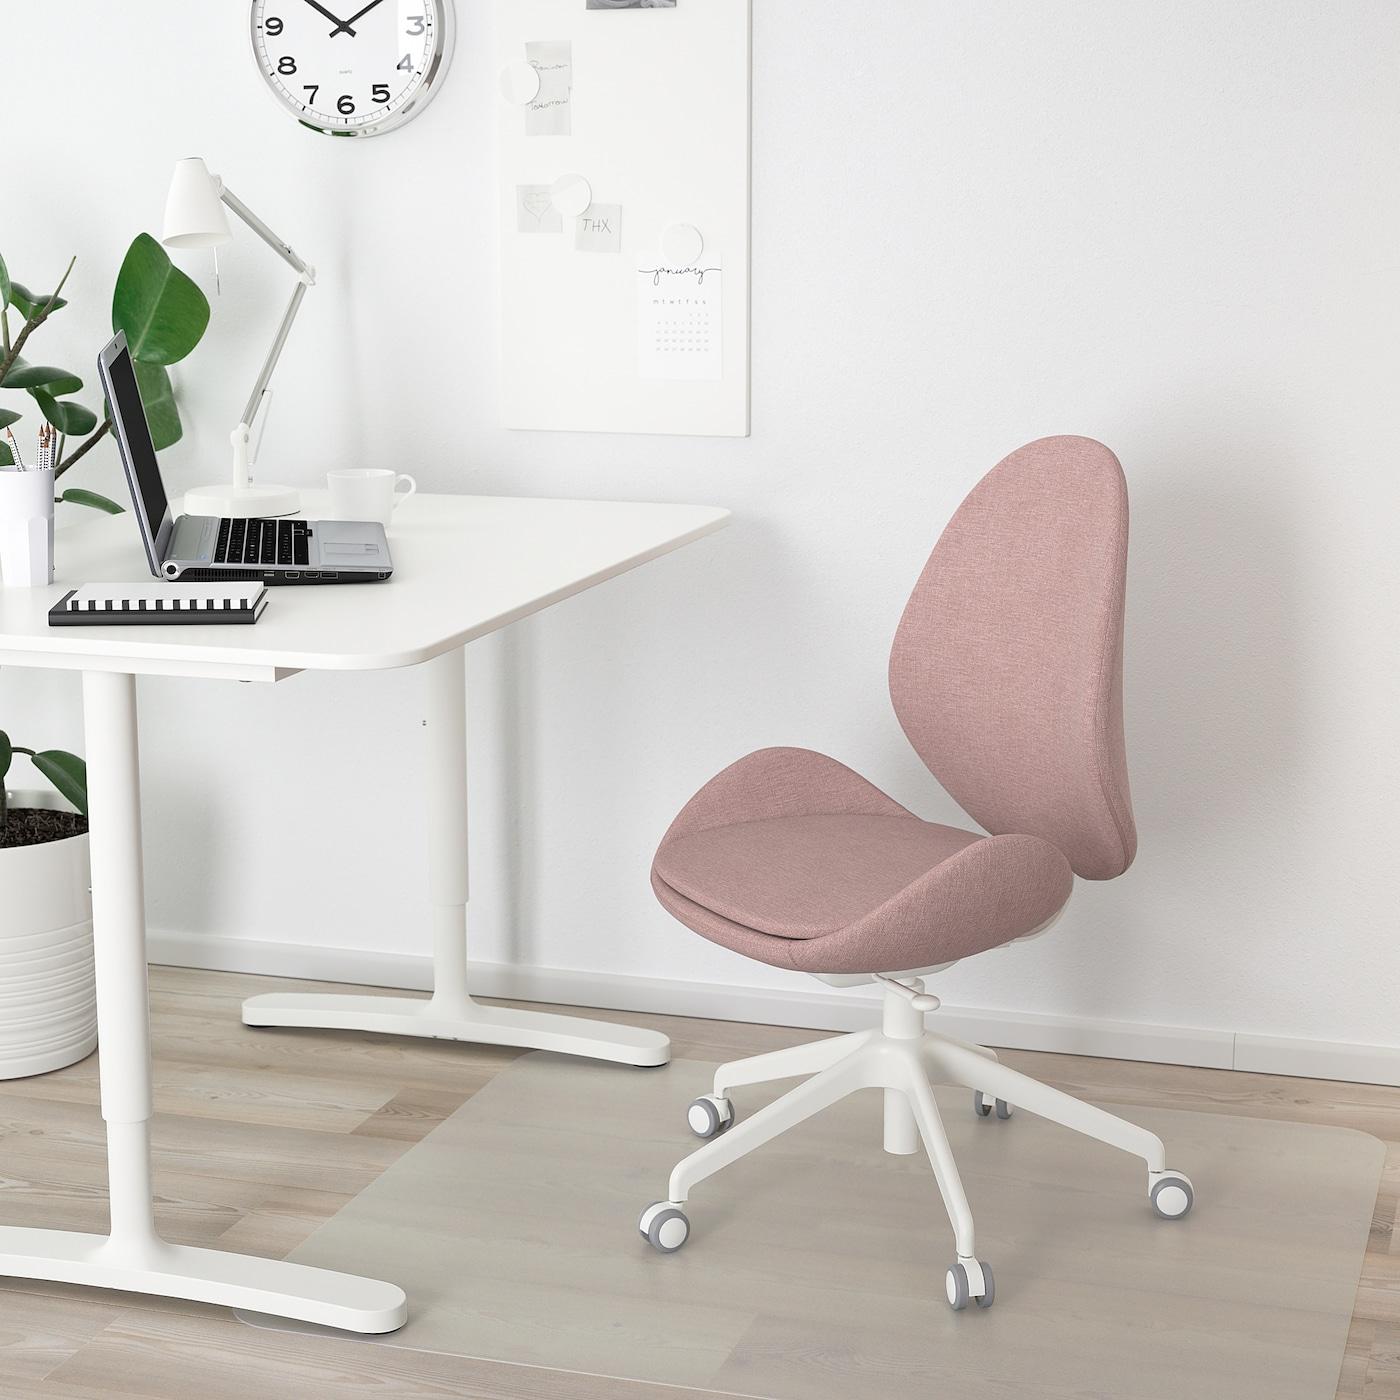 ХАТТЕФЙЕЛЛЬ офісний стілець ГУННАРЕД світлий коричнево-рожевий 110 кг 68 см 68 см 110 см 50 см 40 см 41 см 52 см